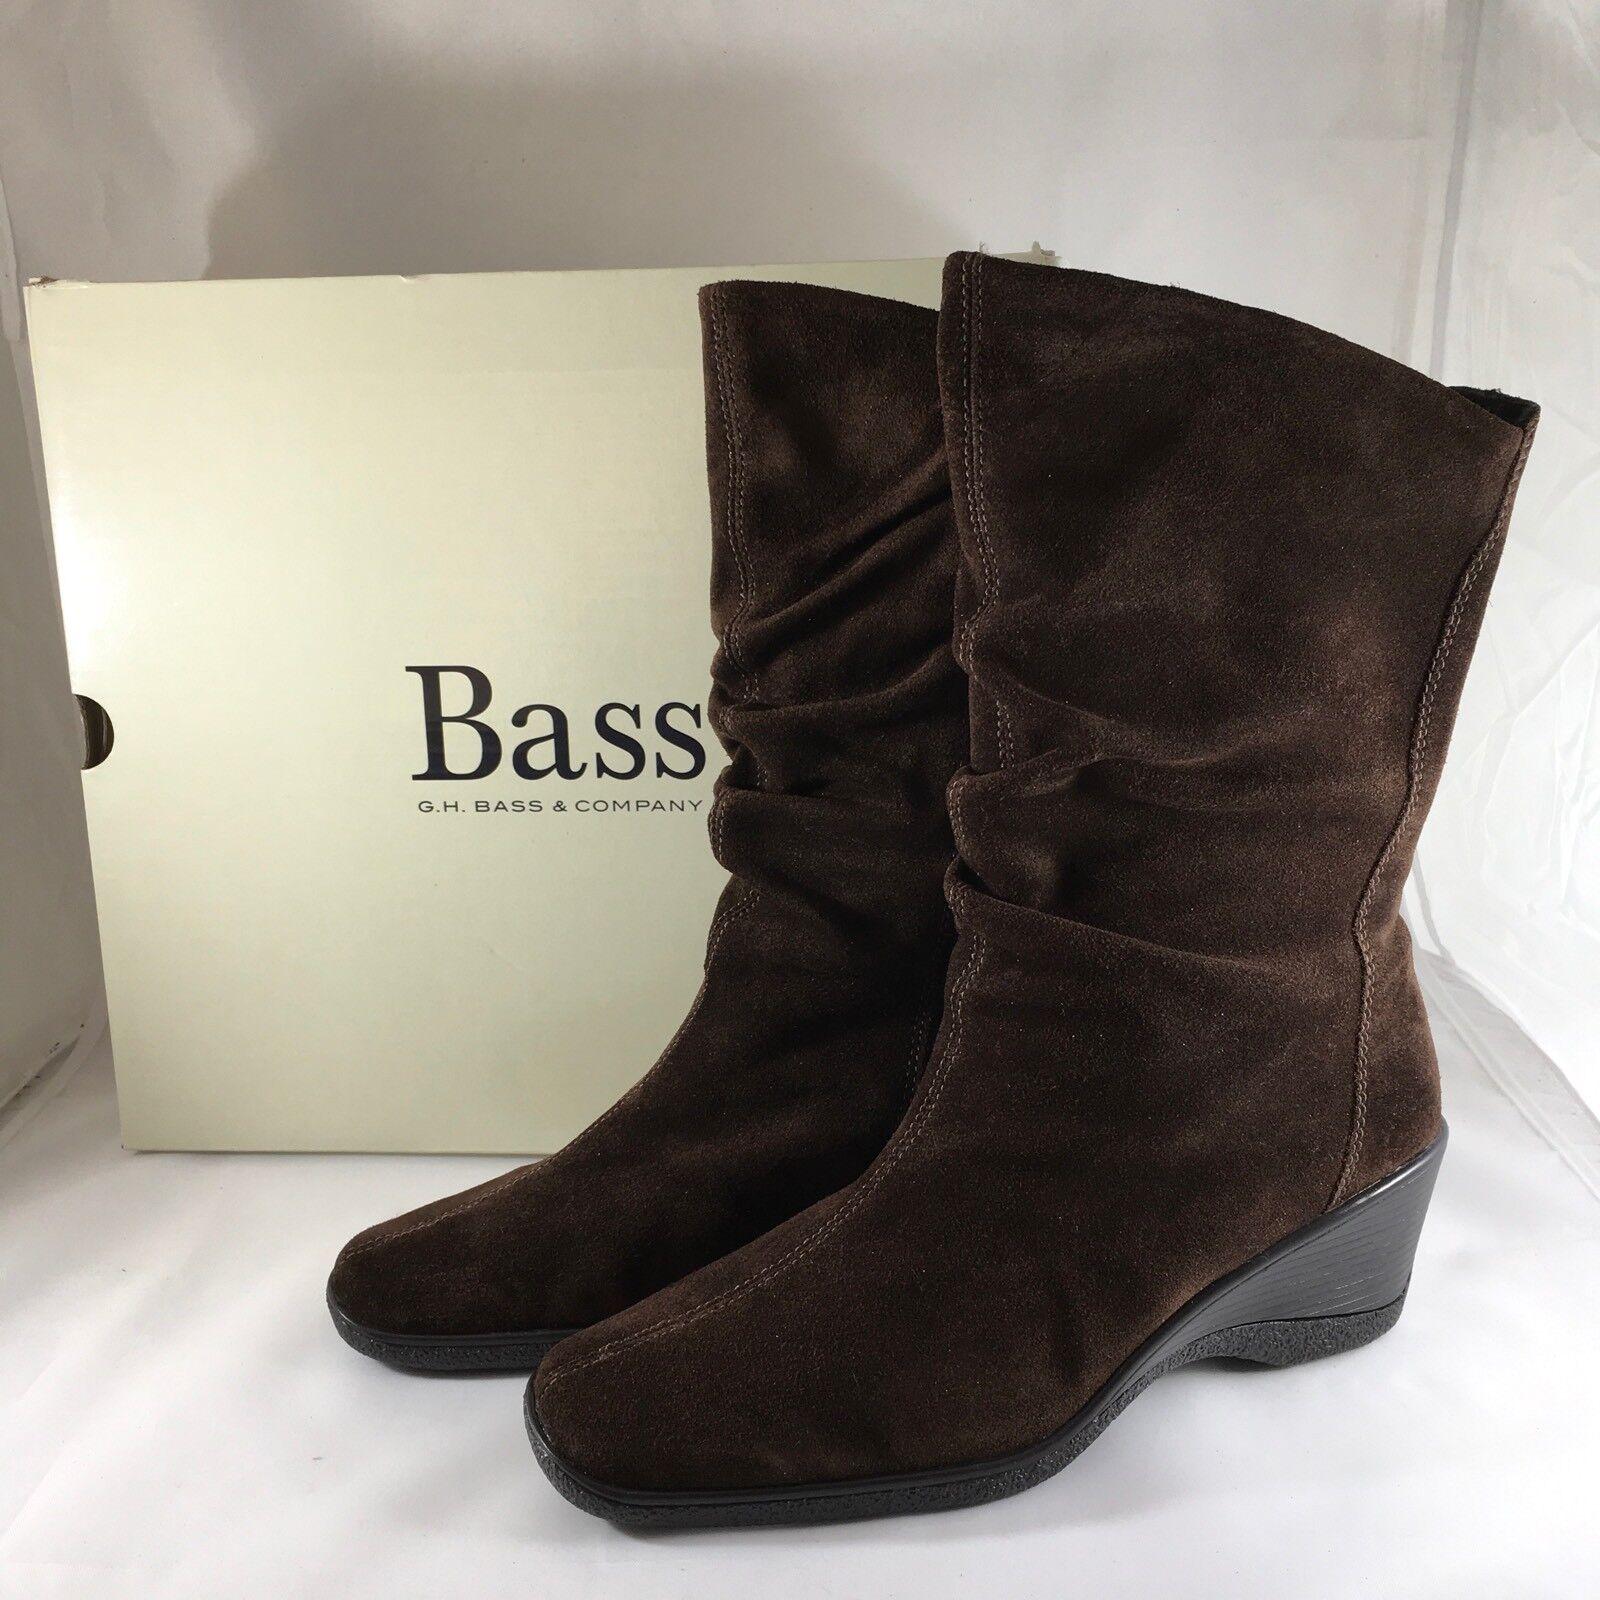 NEW Bass damen's Chocolate braun Suede Leather Ganelle Stiefel Sz 7.5 Medium